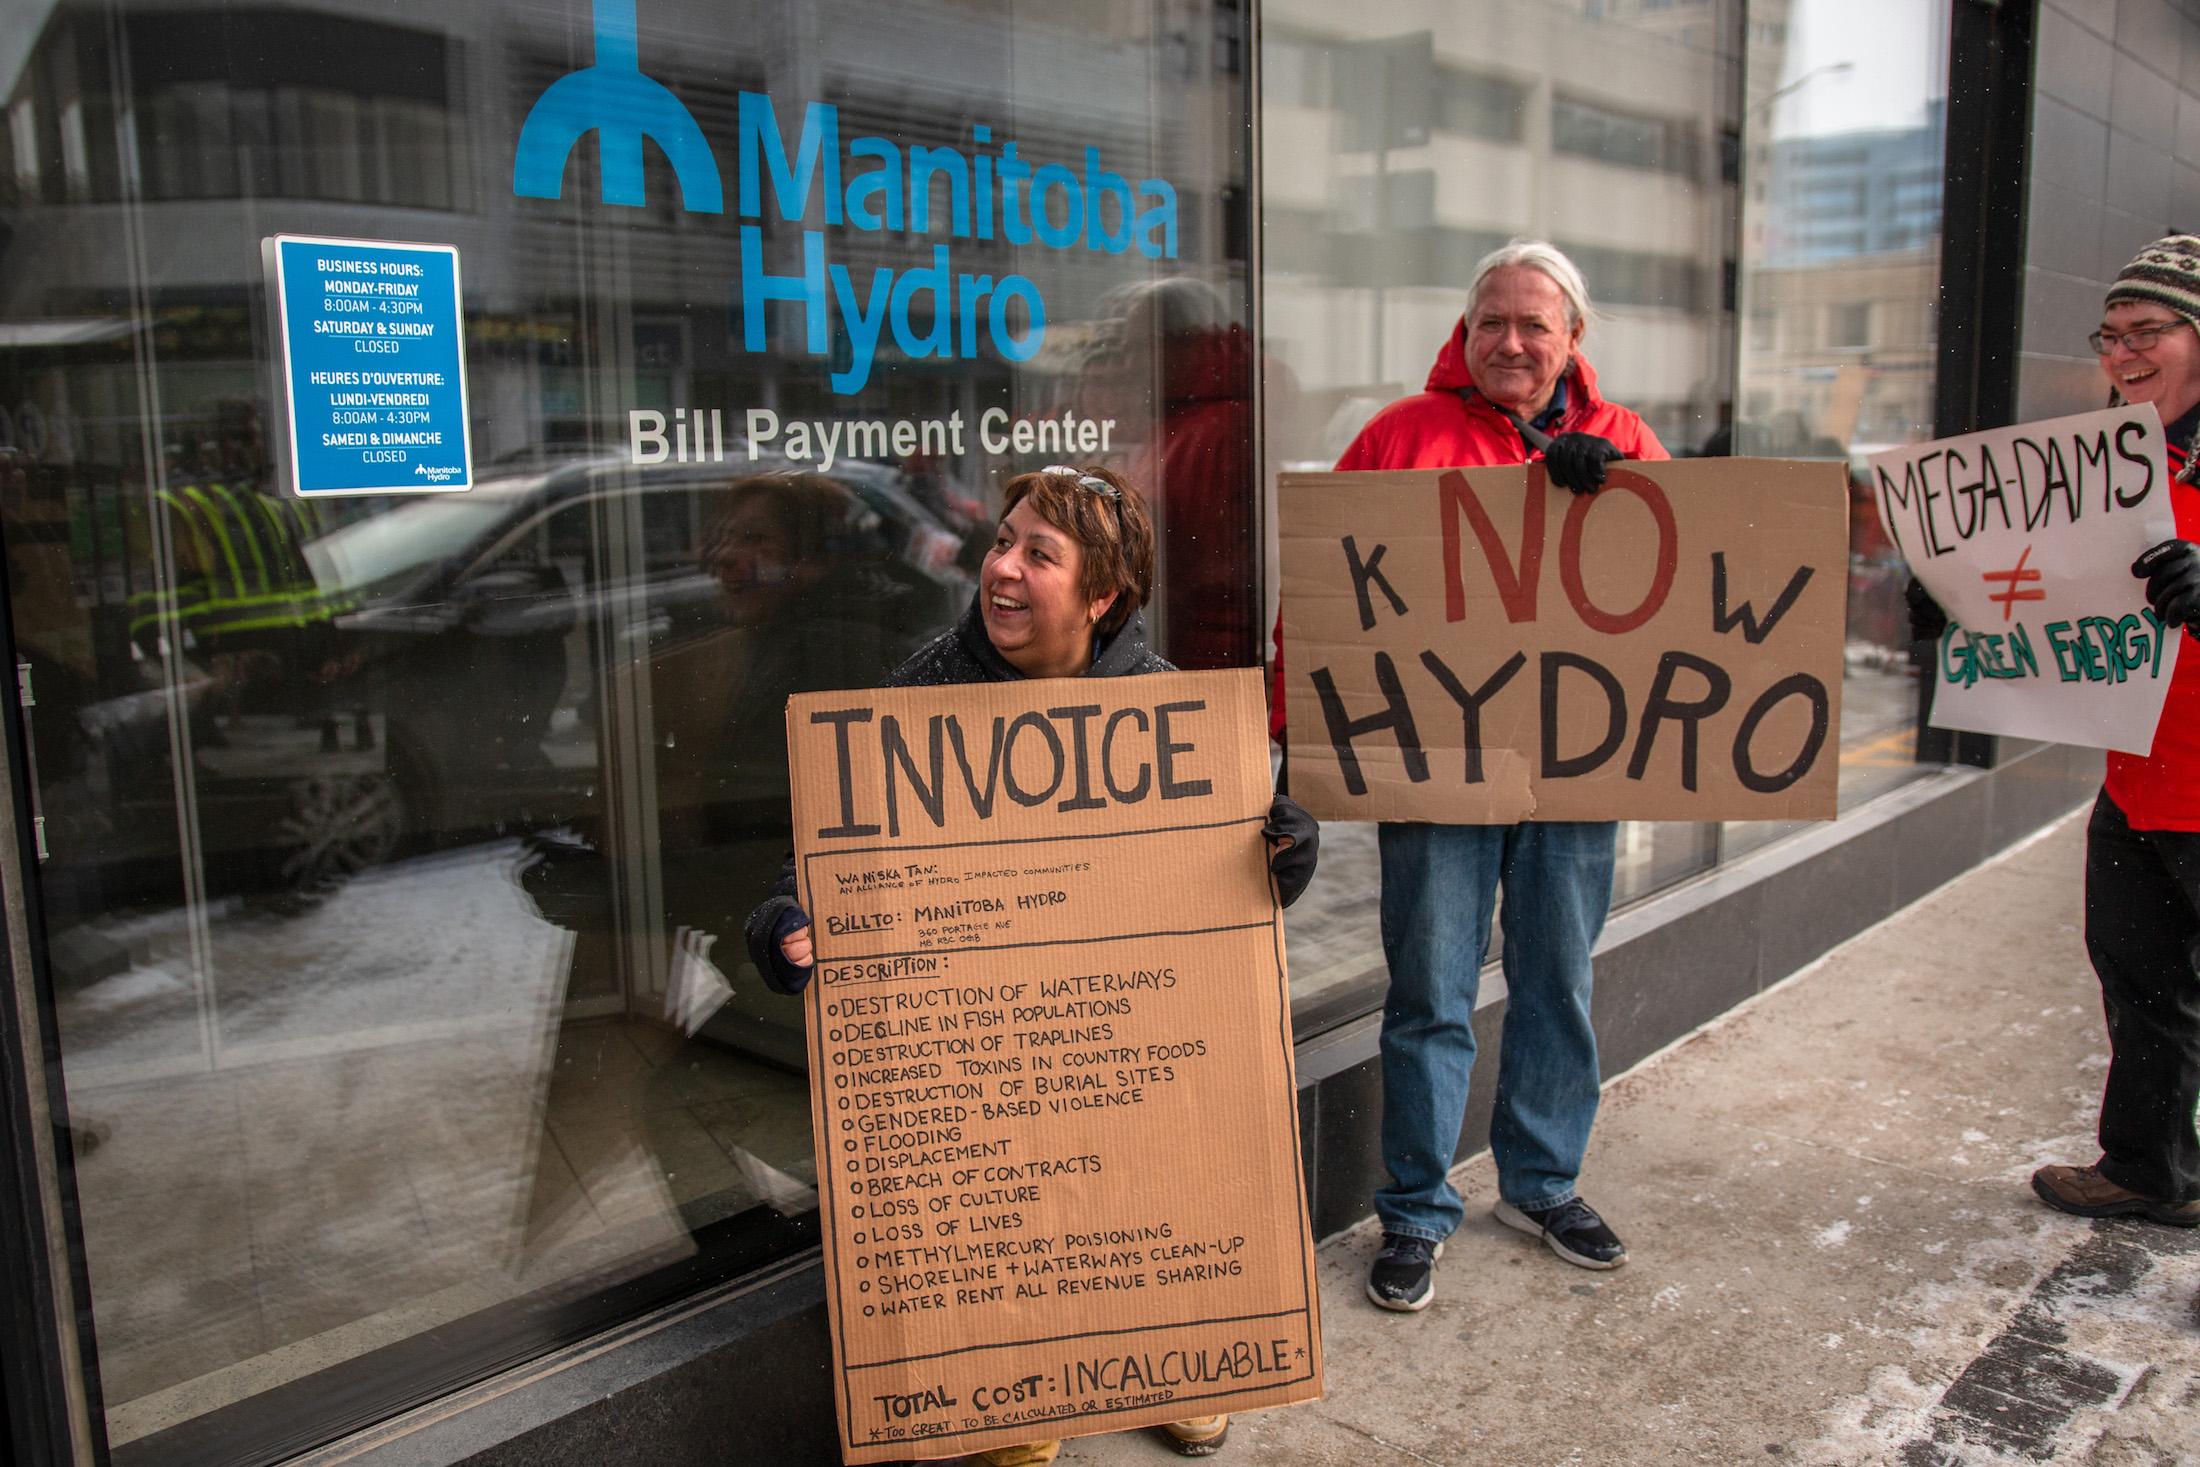 Manitoba Hydro protest Invoice